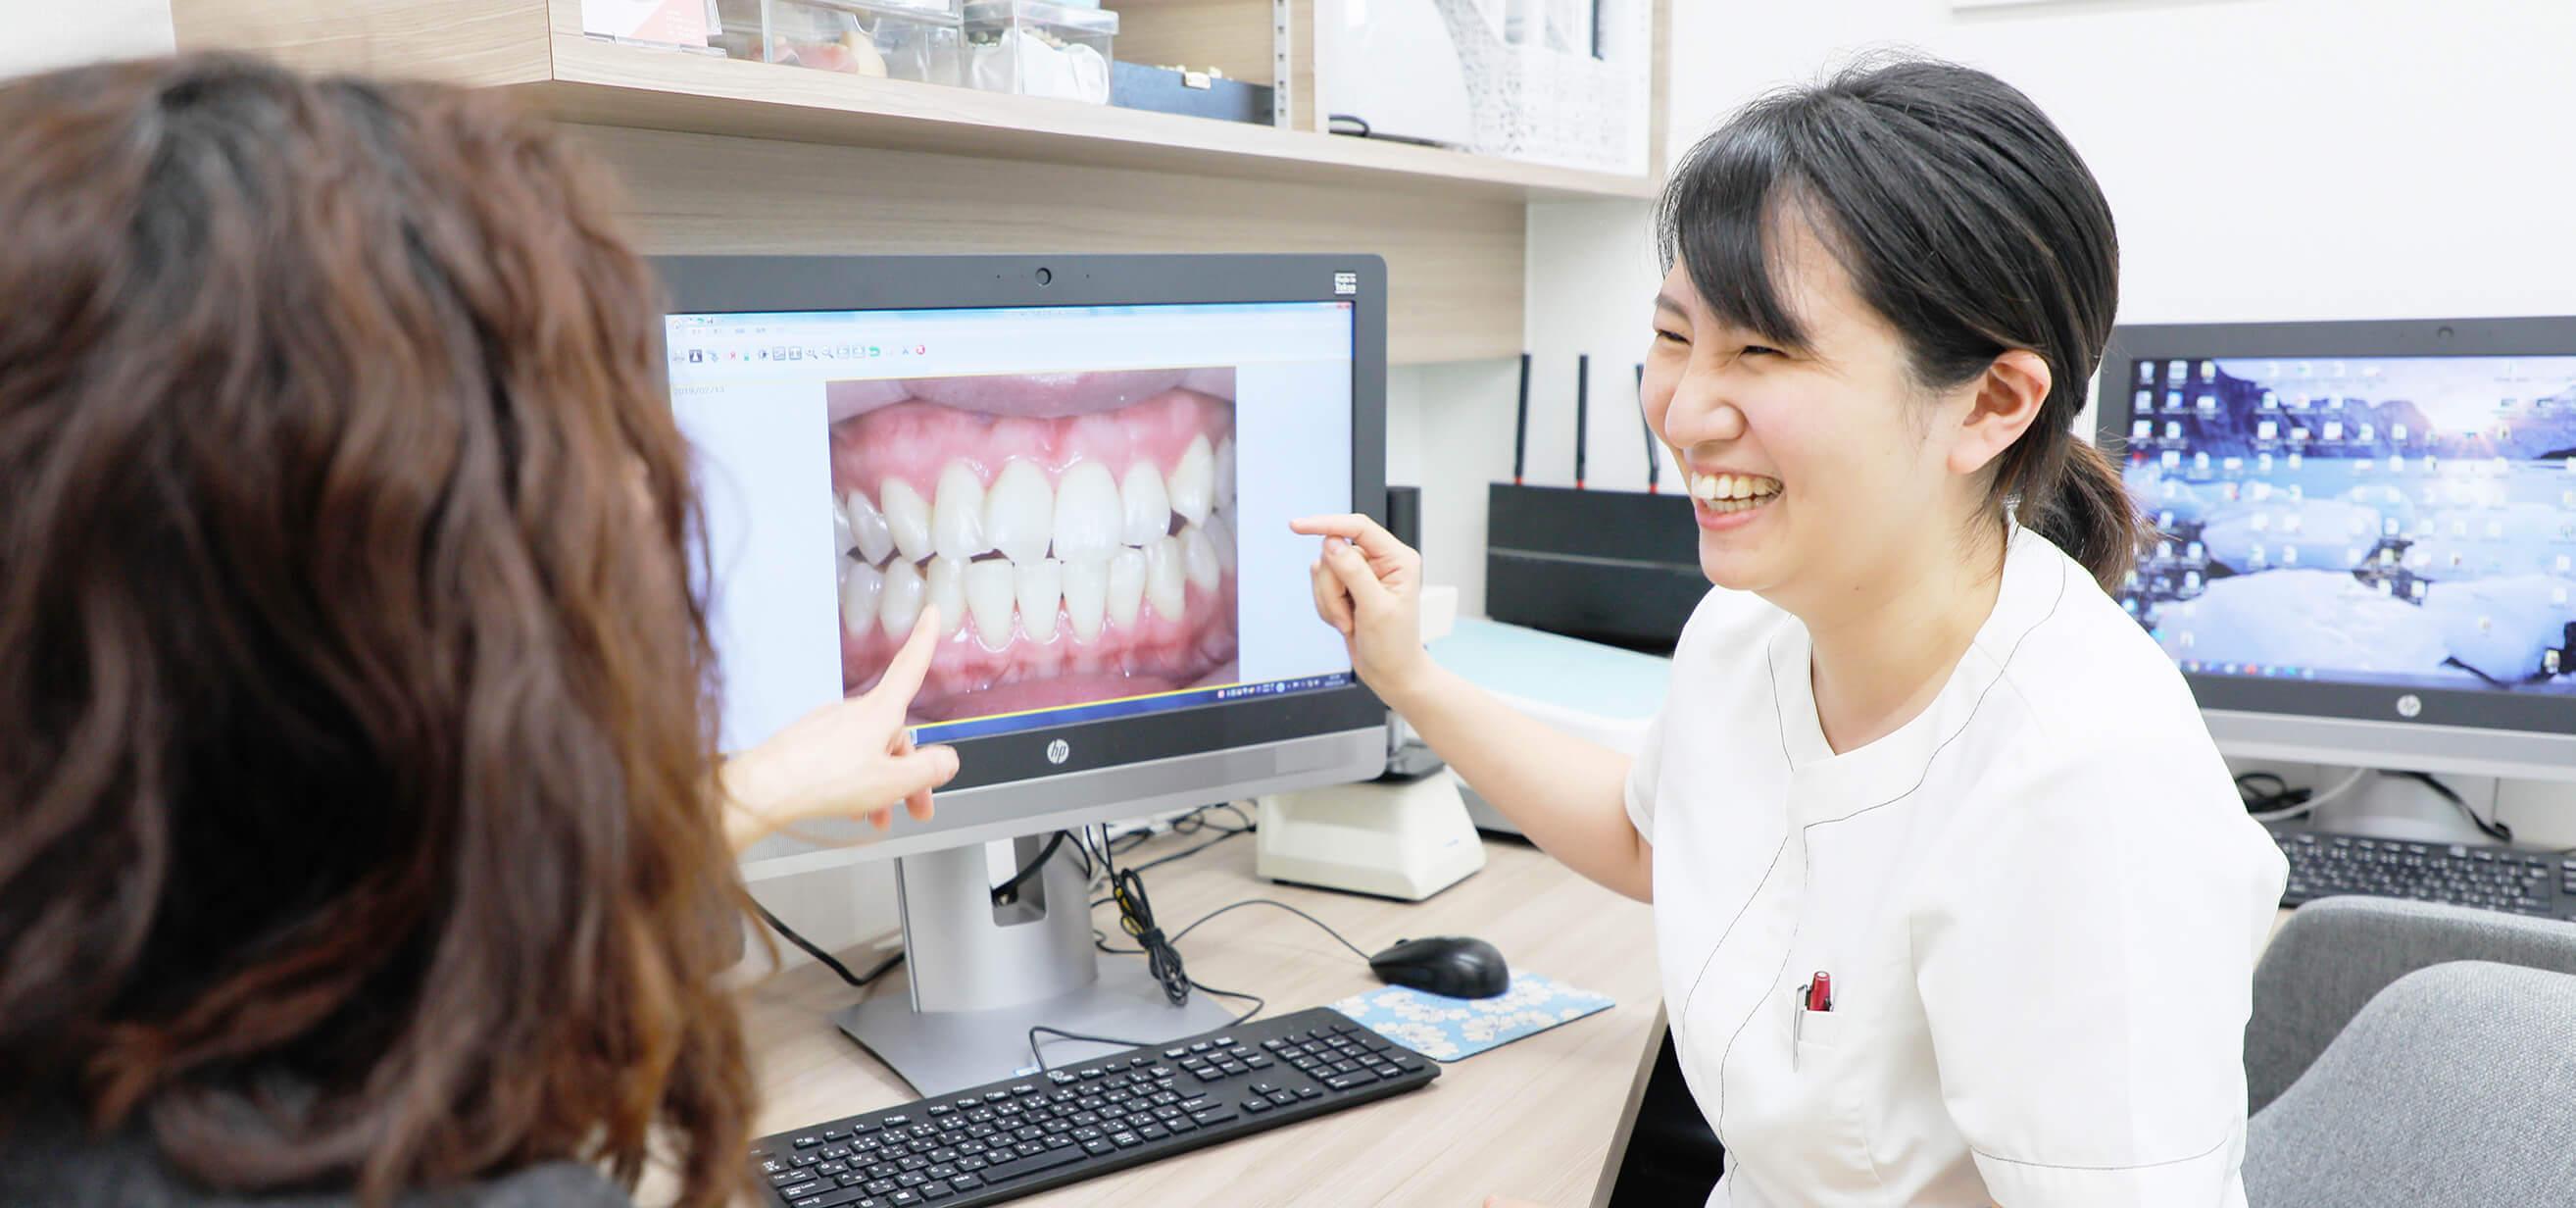 伊丹市の歯医者 のまきたパーク歯科・矯正歯科 メイン写真1